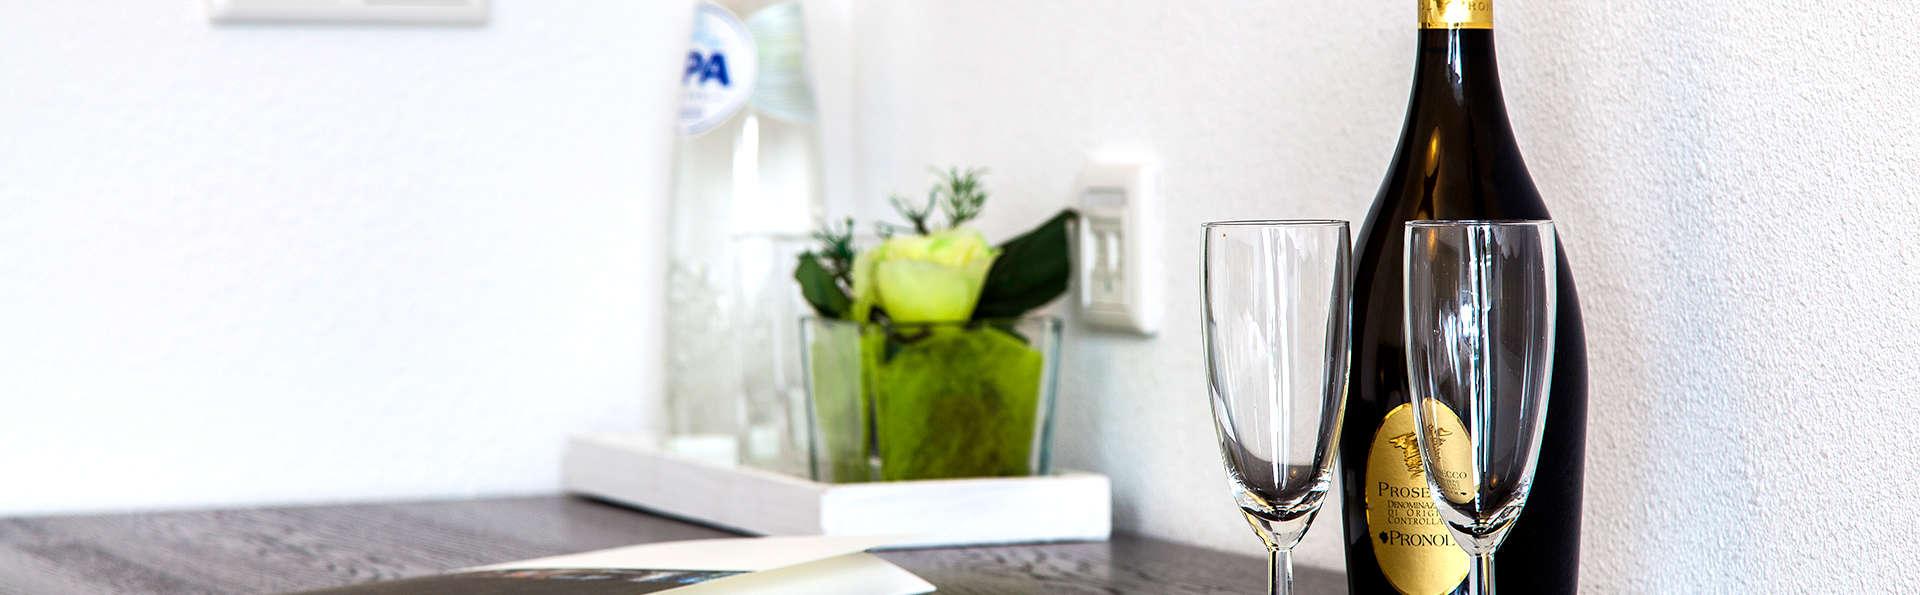 Relaxation, dîner et découverte à Stippelberg (à partir de 2 nuits)